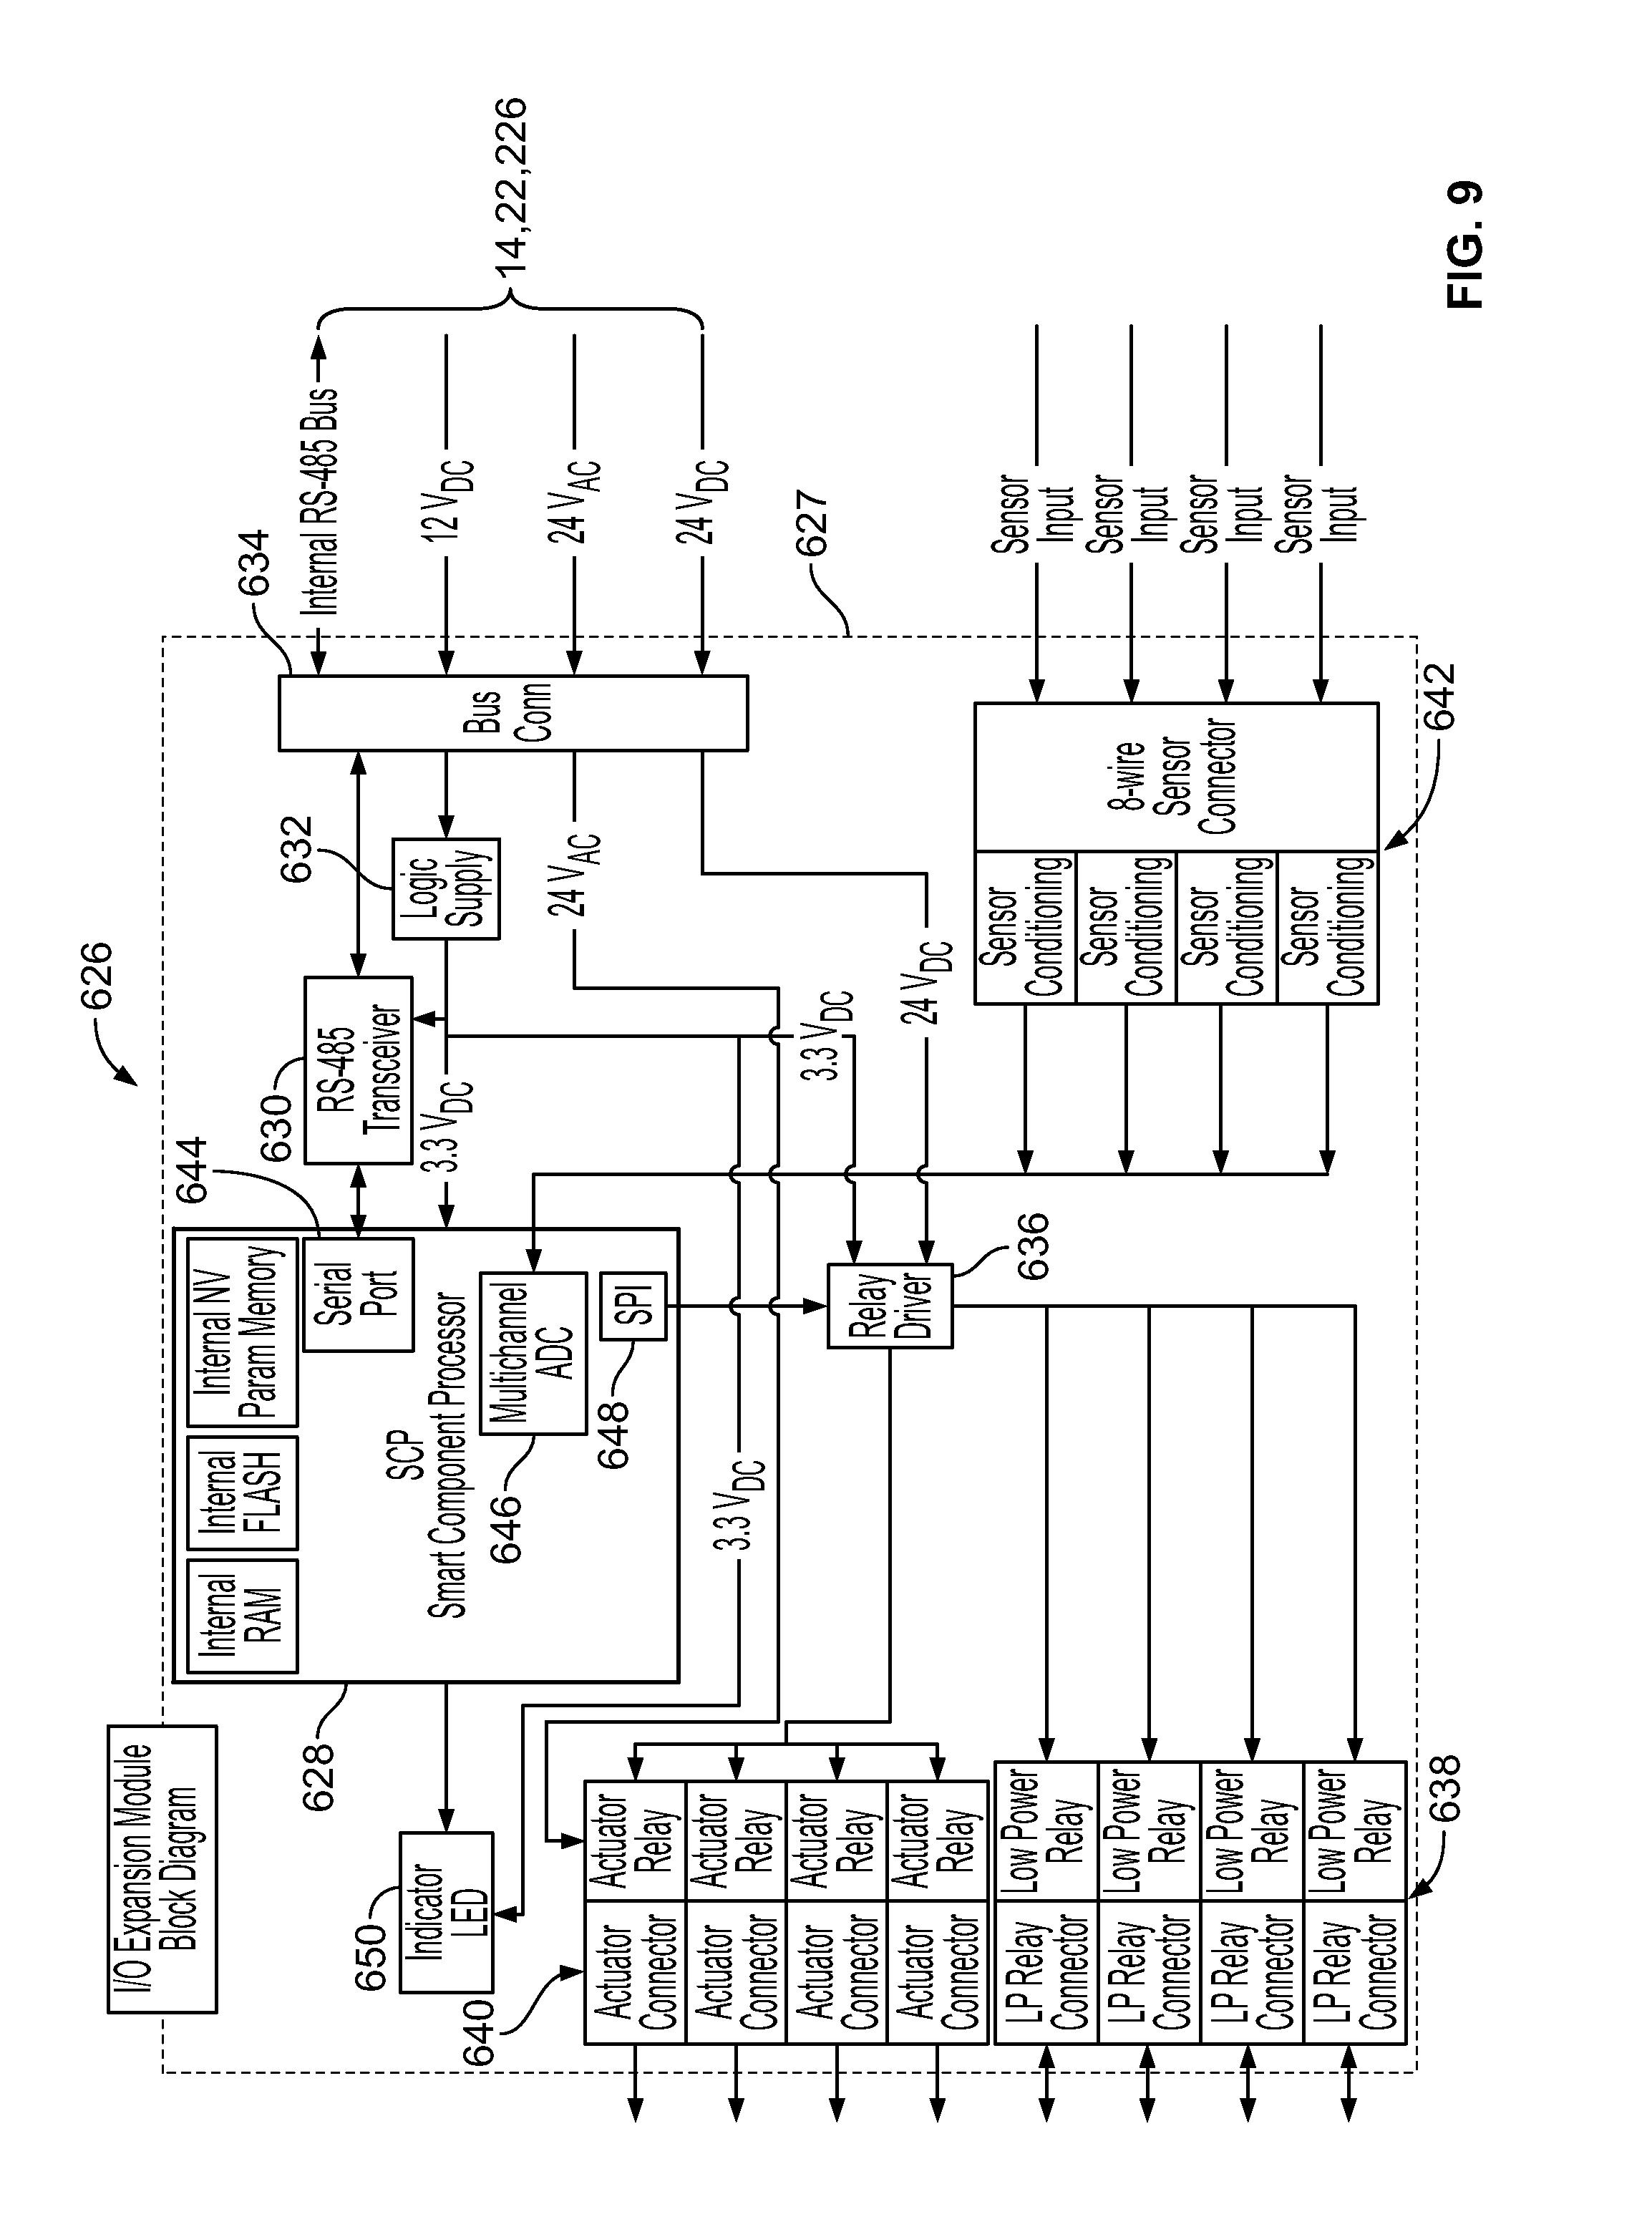 Hayward Pro Logic Wiring Diagram